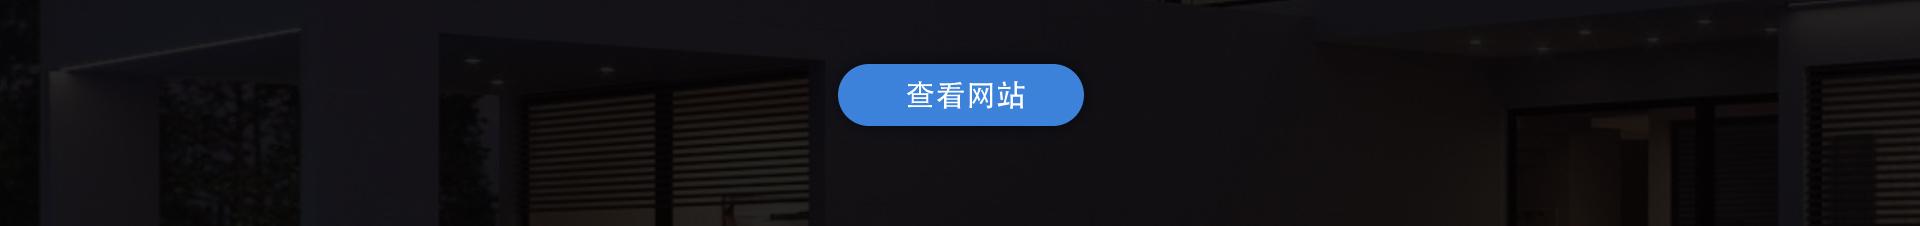 范帅宇-范帅宇-骏寰外汇-范帅宇-骏寰外汇_02